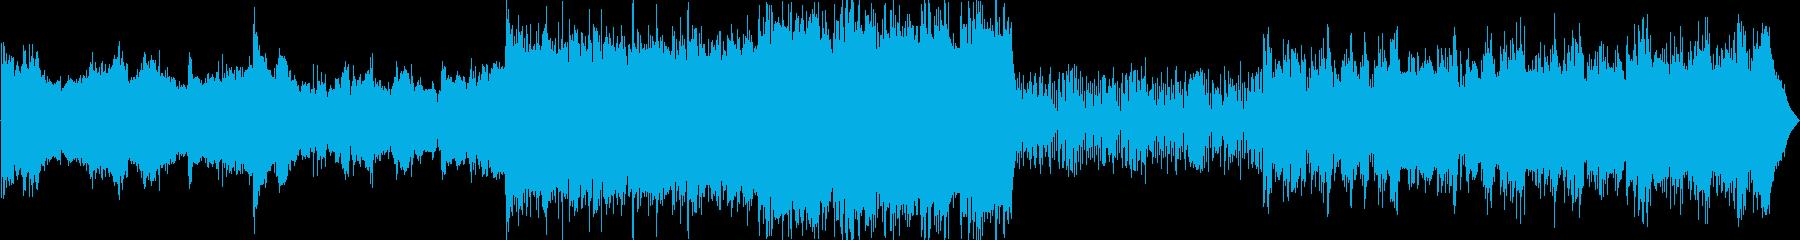 シタールオーケストラアジアループの再生済みの波形